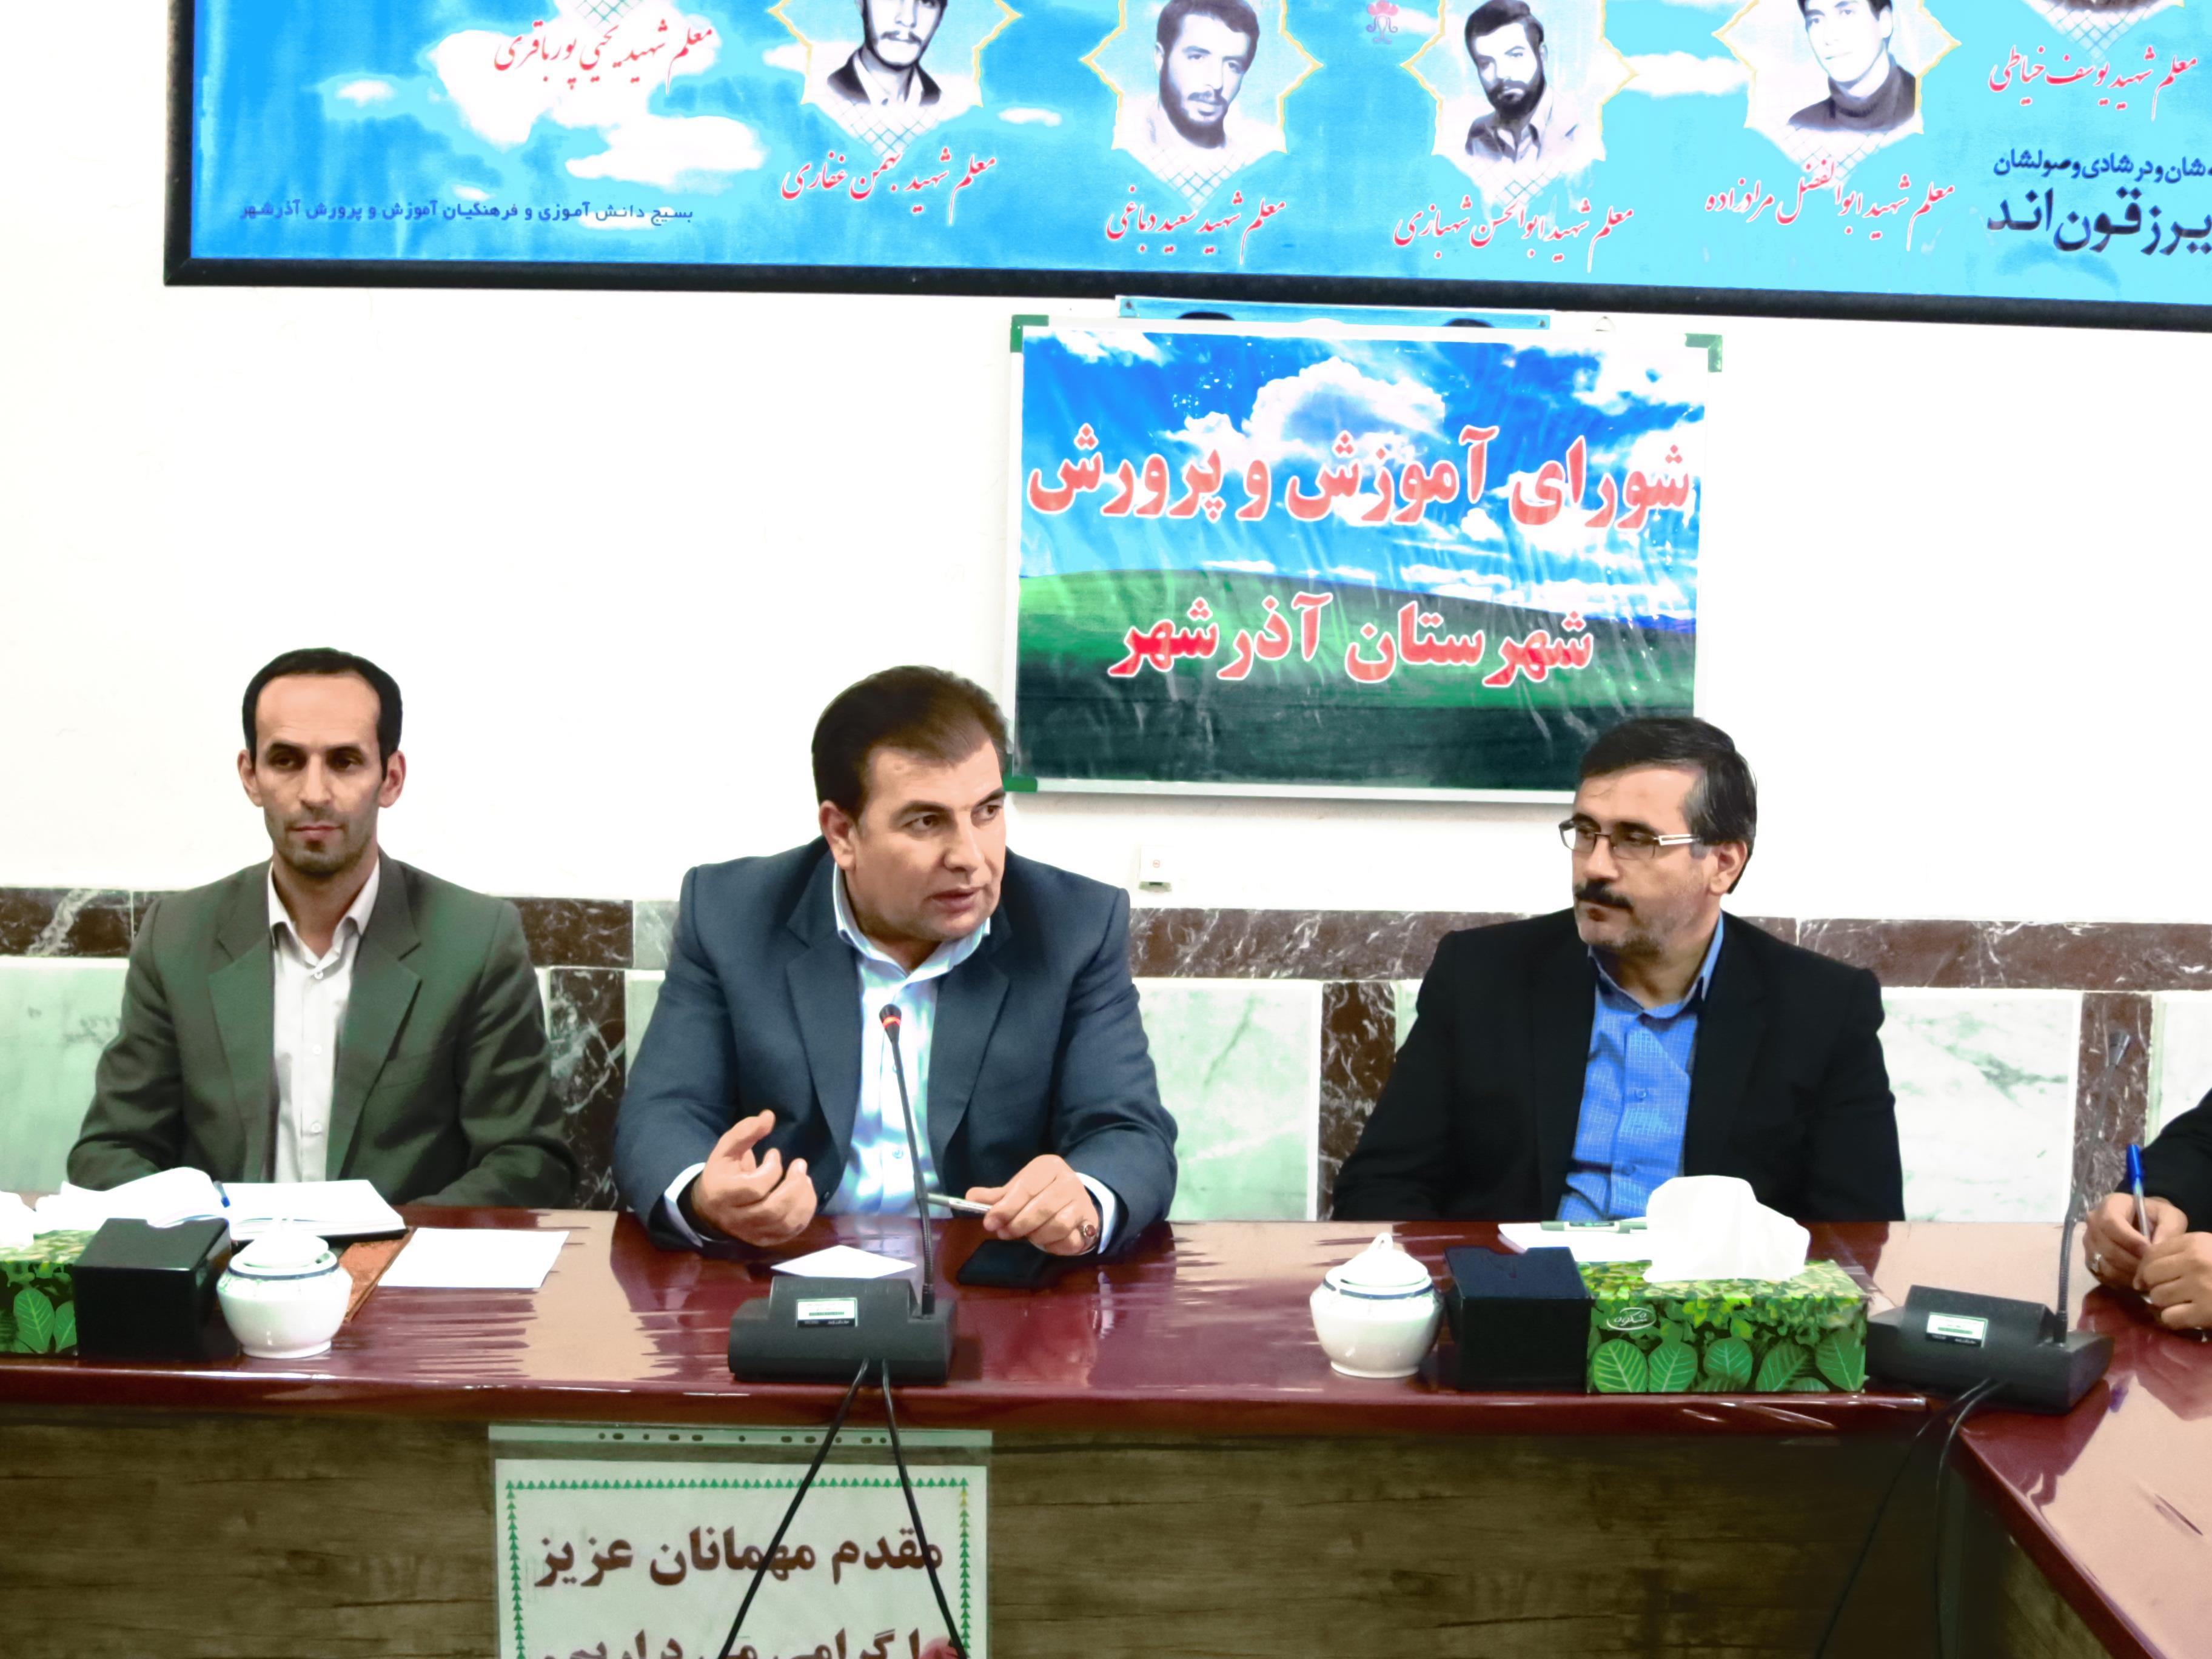 دواتگر: آموزش و پرورش آذرشهر در خصوص ایجاد نمازخانه در مدارس گامهای بزرگی برداشته بطوریکه در مدارس قاضی جهان و اخیجهان نمازخانه ها در حال احداث می باشند.